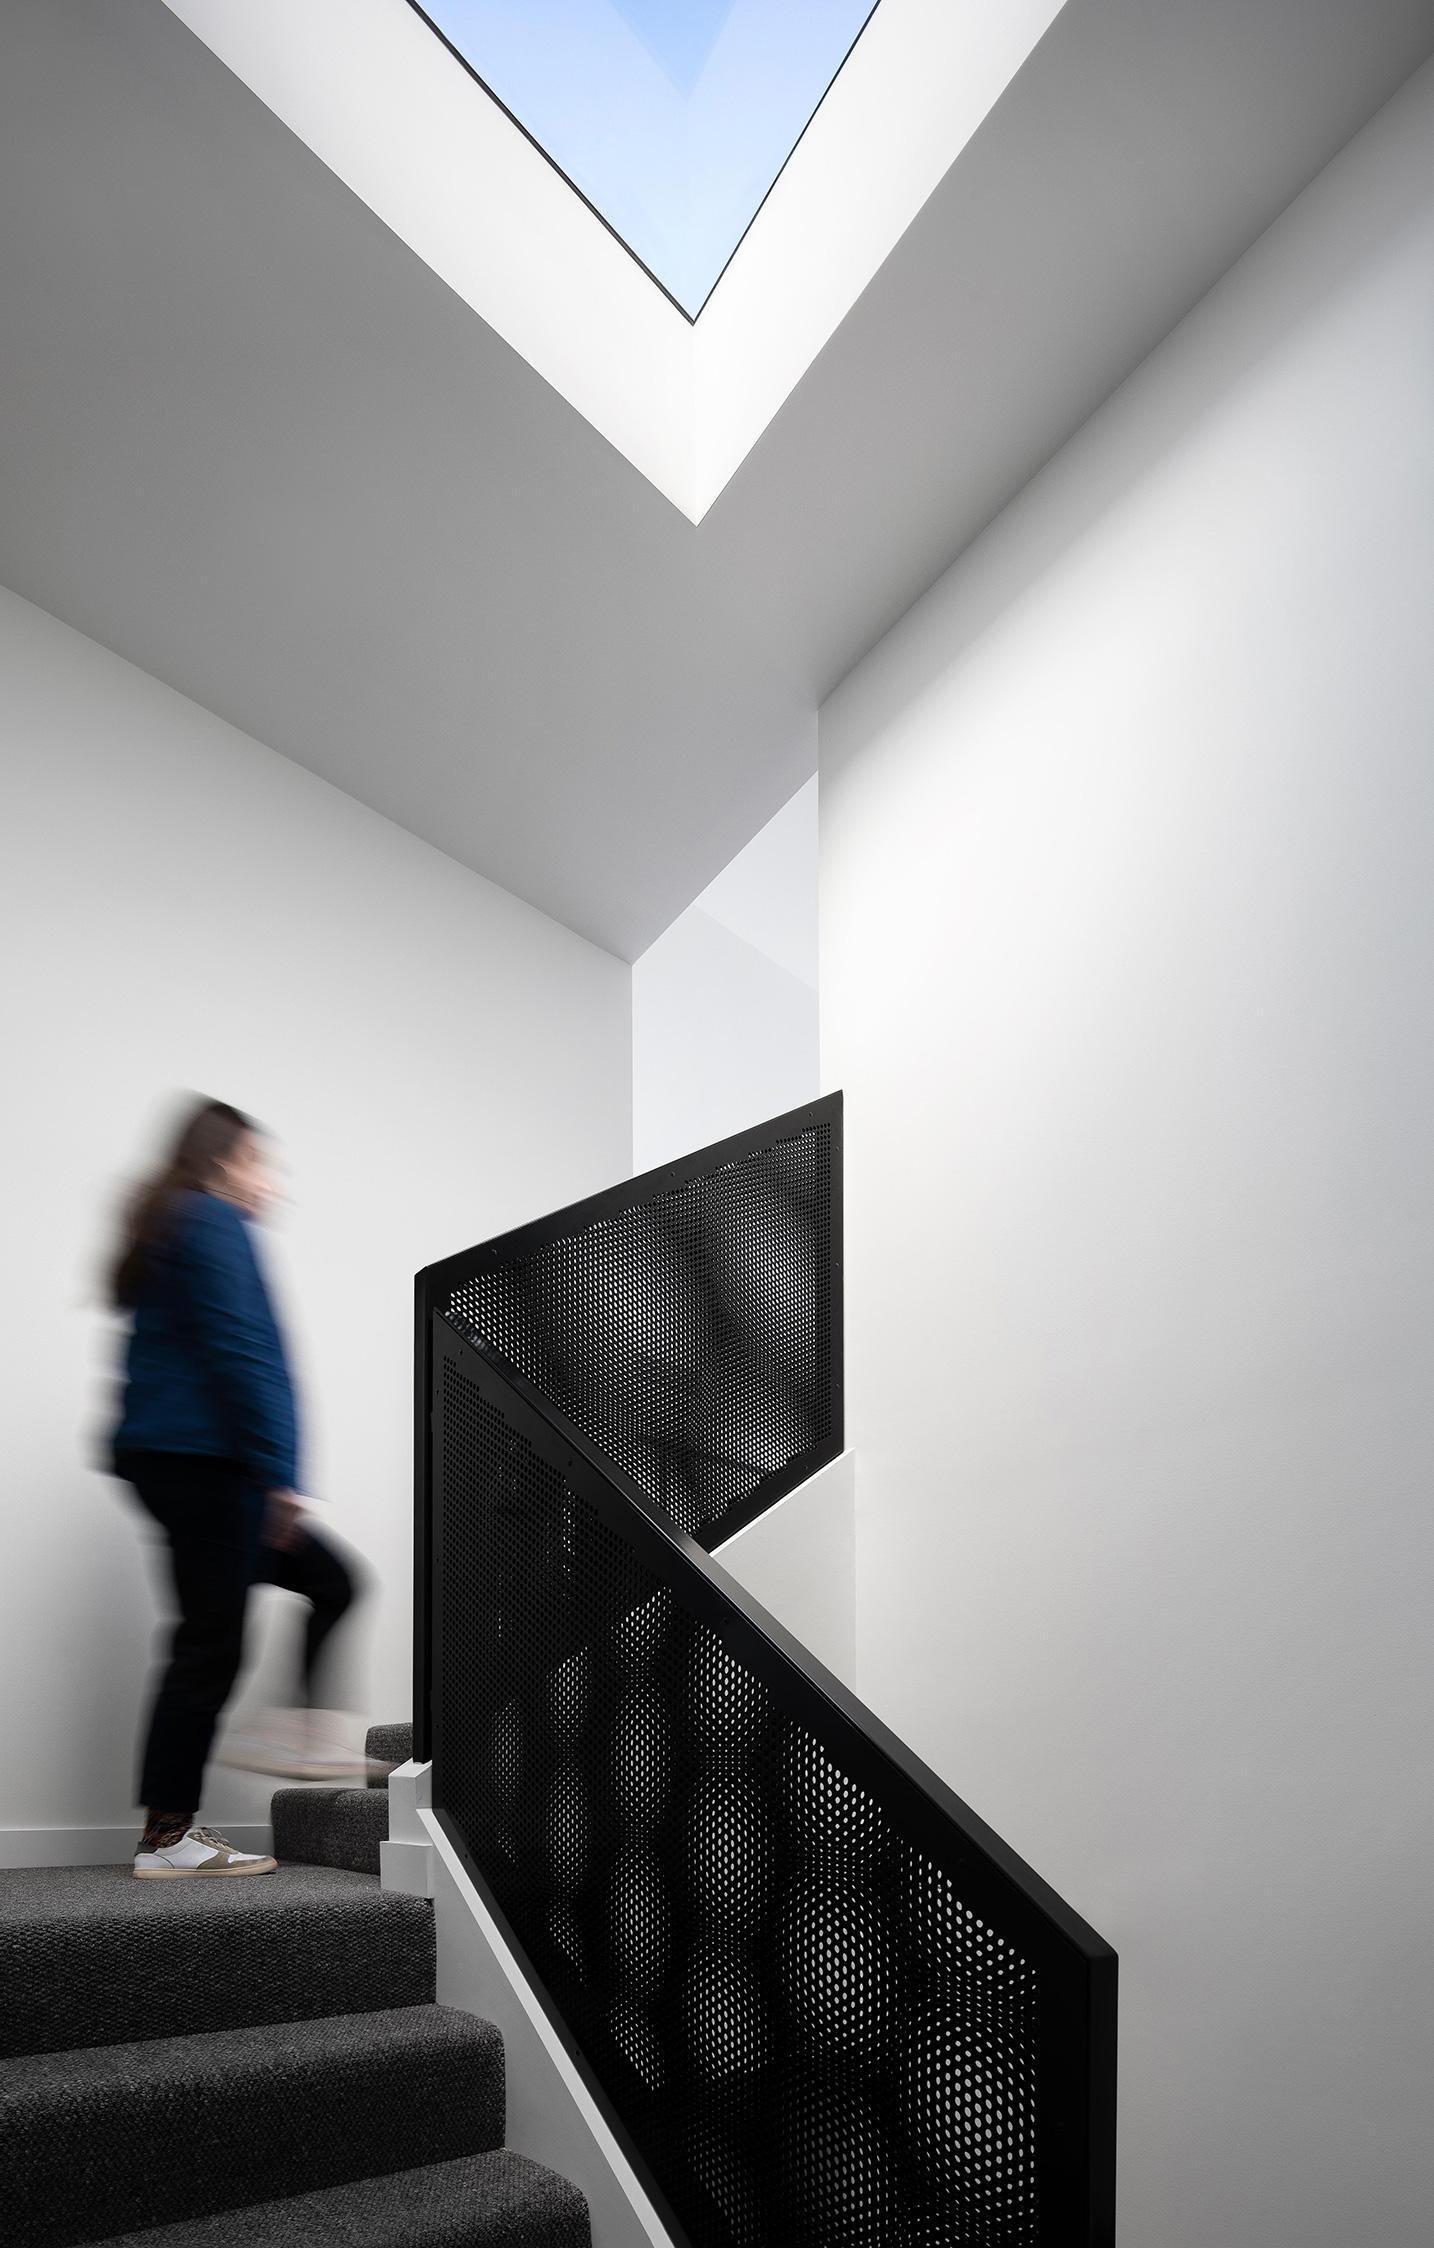 c.kairouz.architects-thornbury-townhouses-interior-staircase